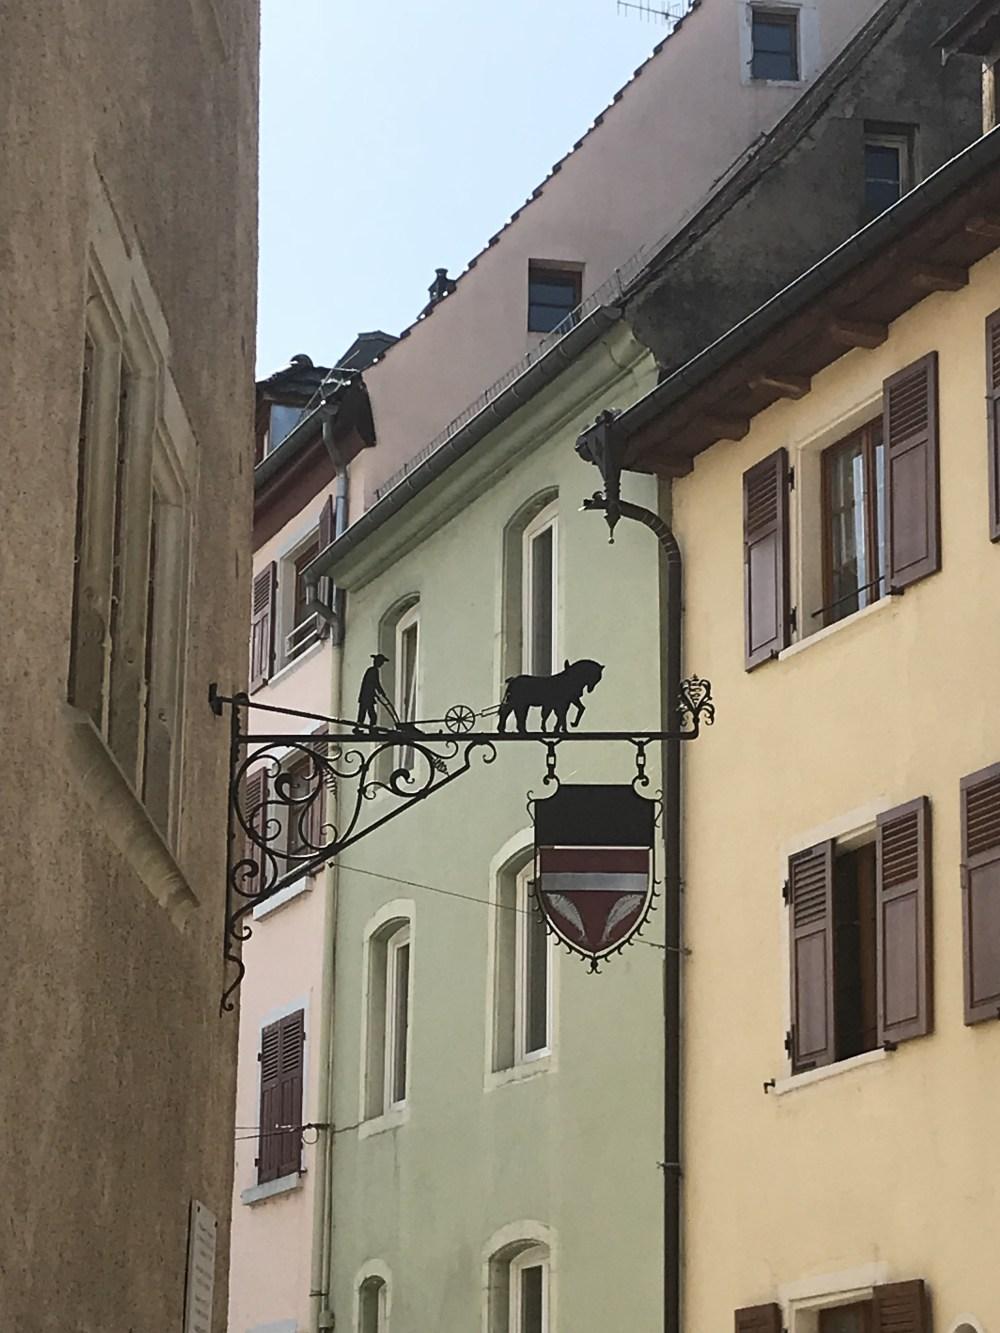 Detalhes das ruas de Altkirch, capital do Sungau